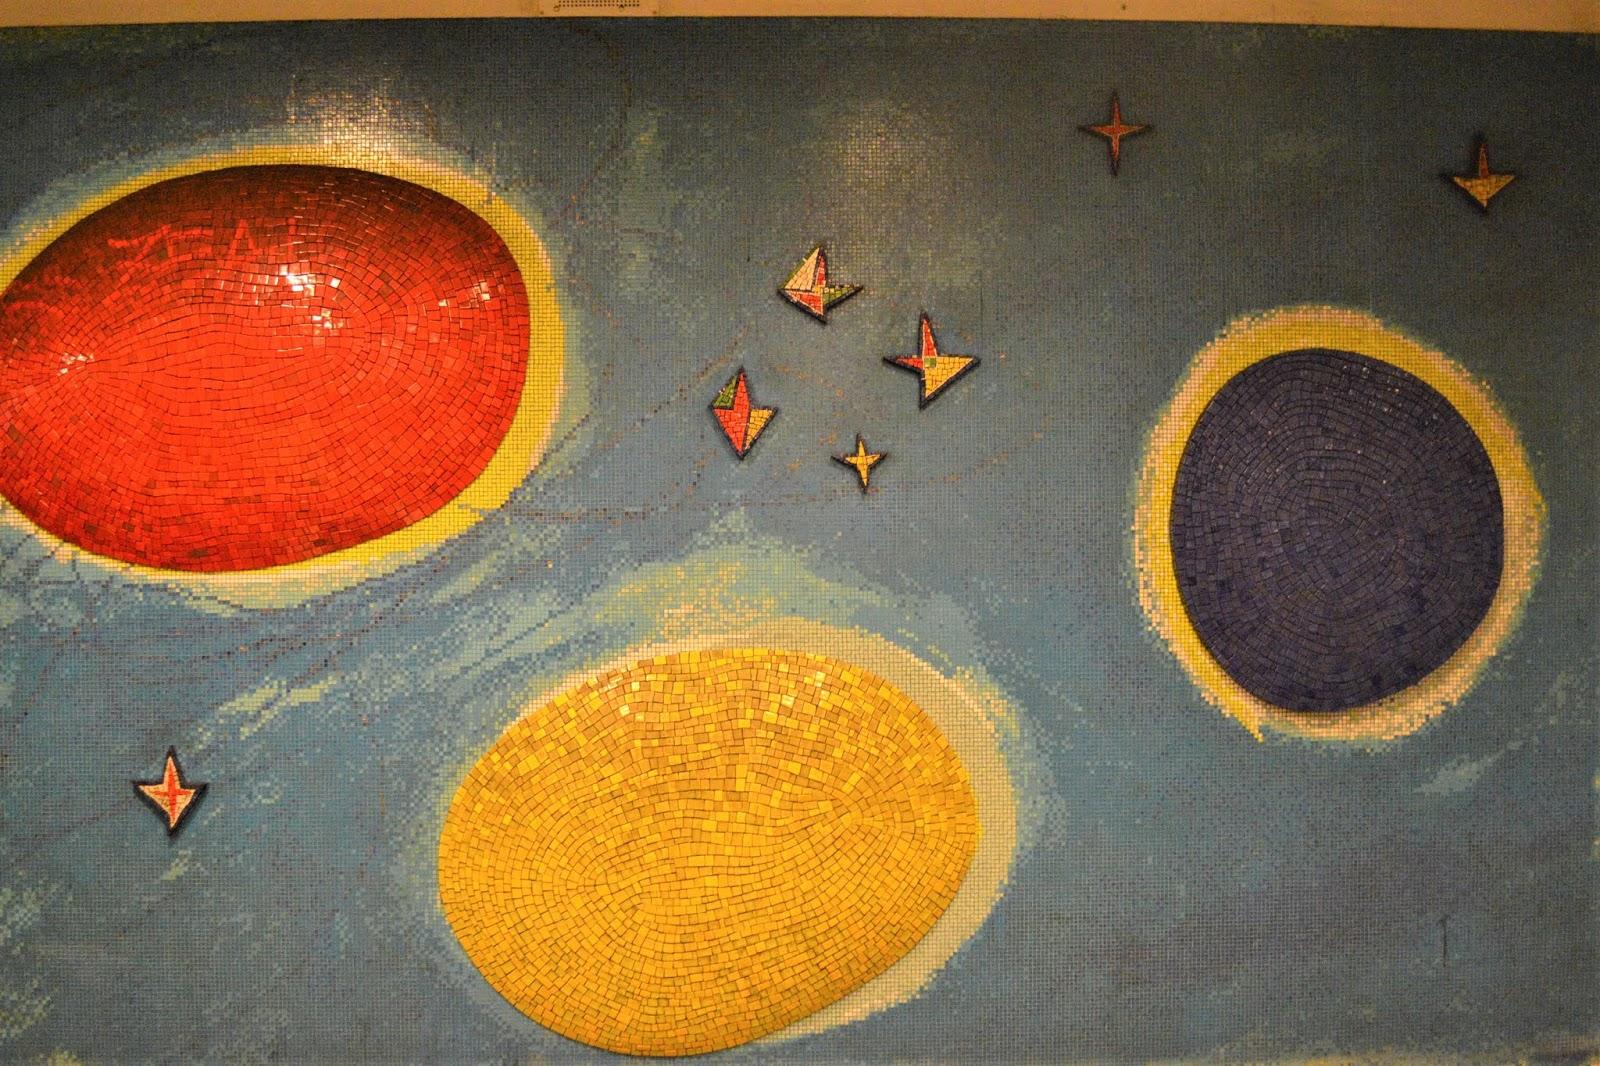 Nicola De Maria-Universo senza bombe, regno dei fiori, 7 angeli rossi